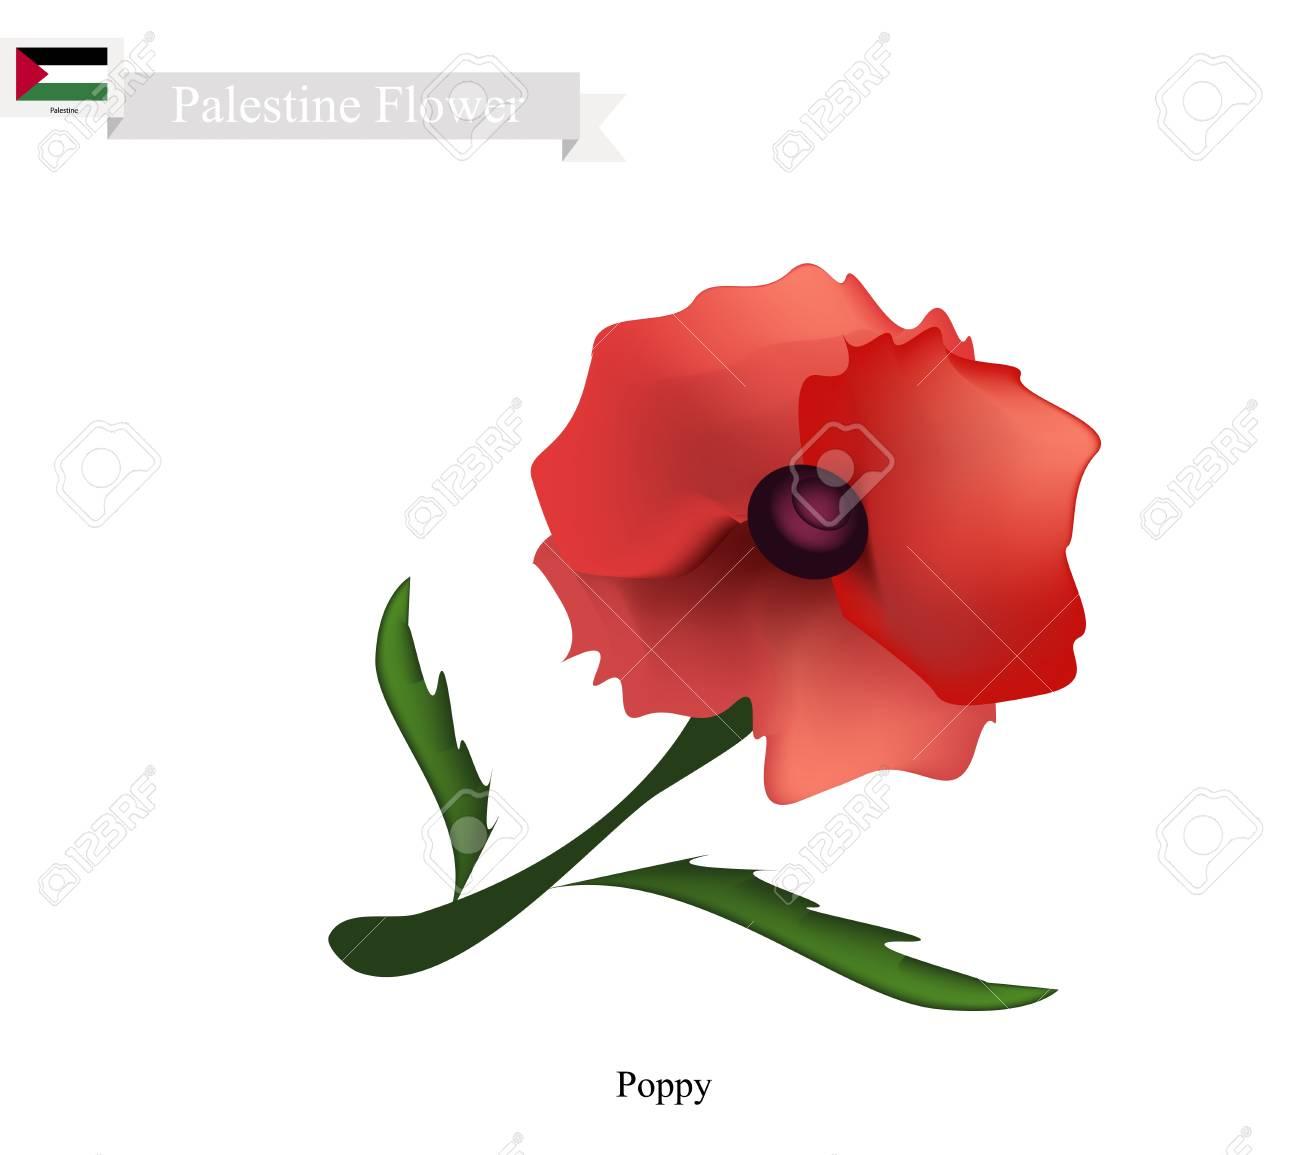 Palestine flower illustration of red poppy flowers one of the palestine flower illustration of red poppy flowers one of the most popular flower in mightylinksfo